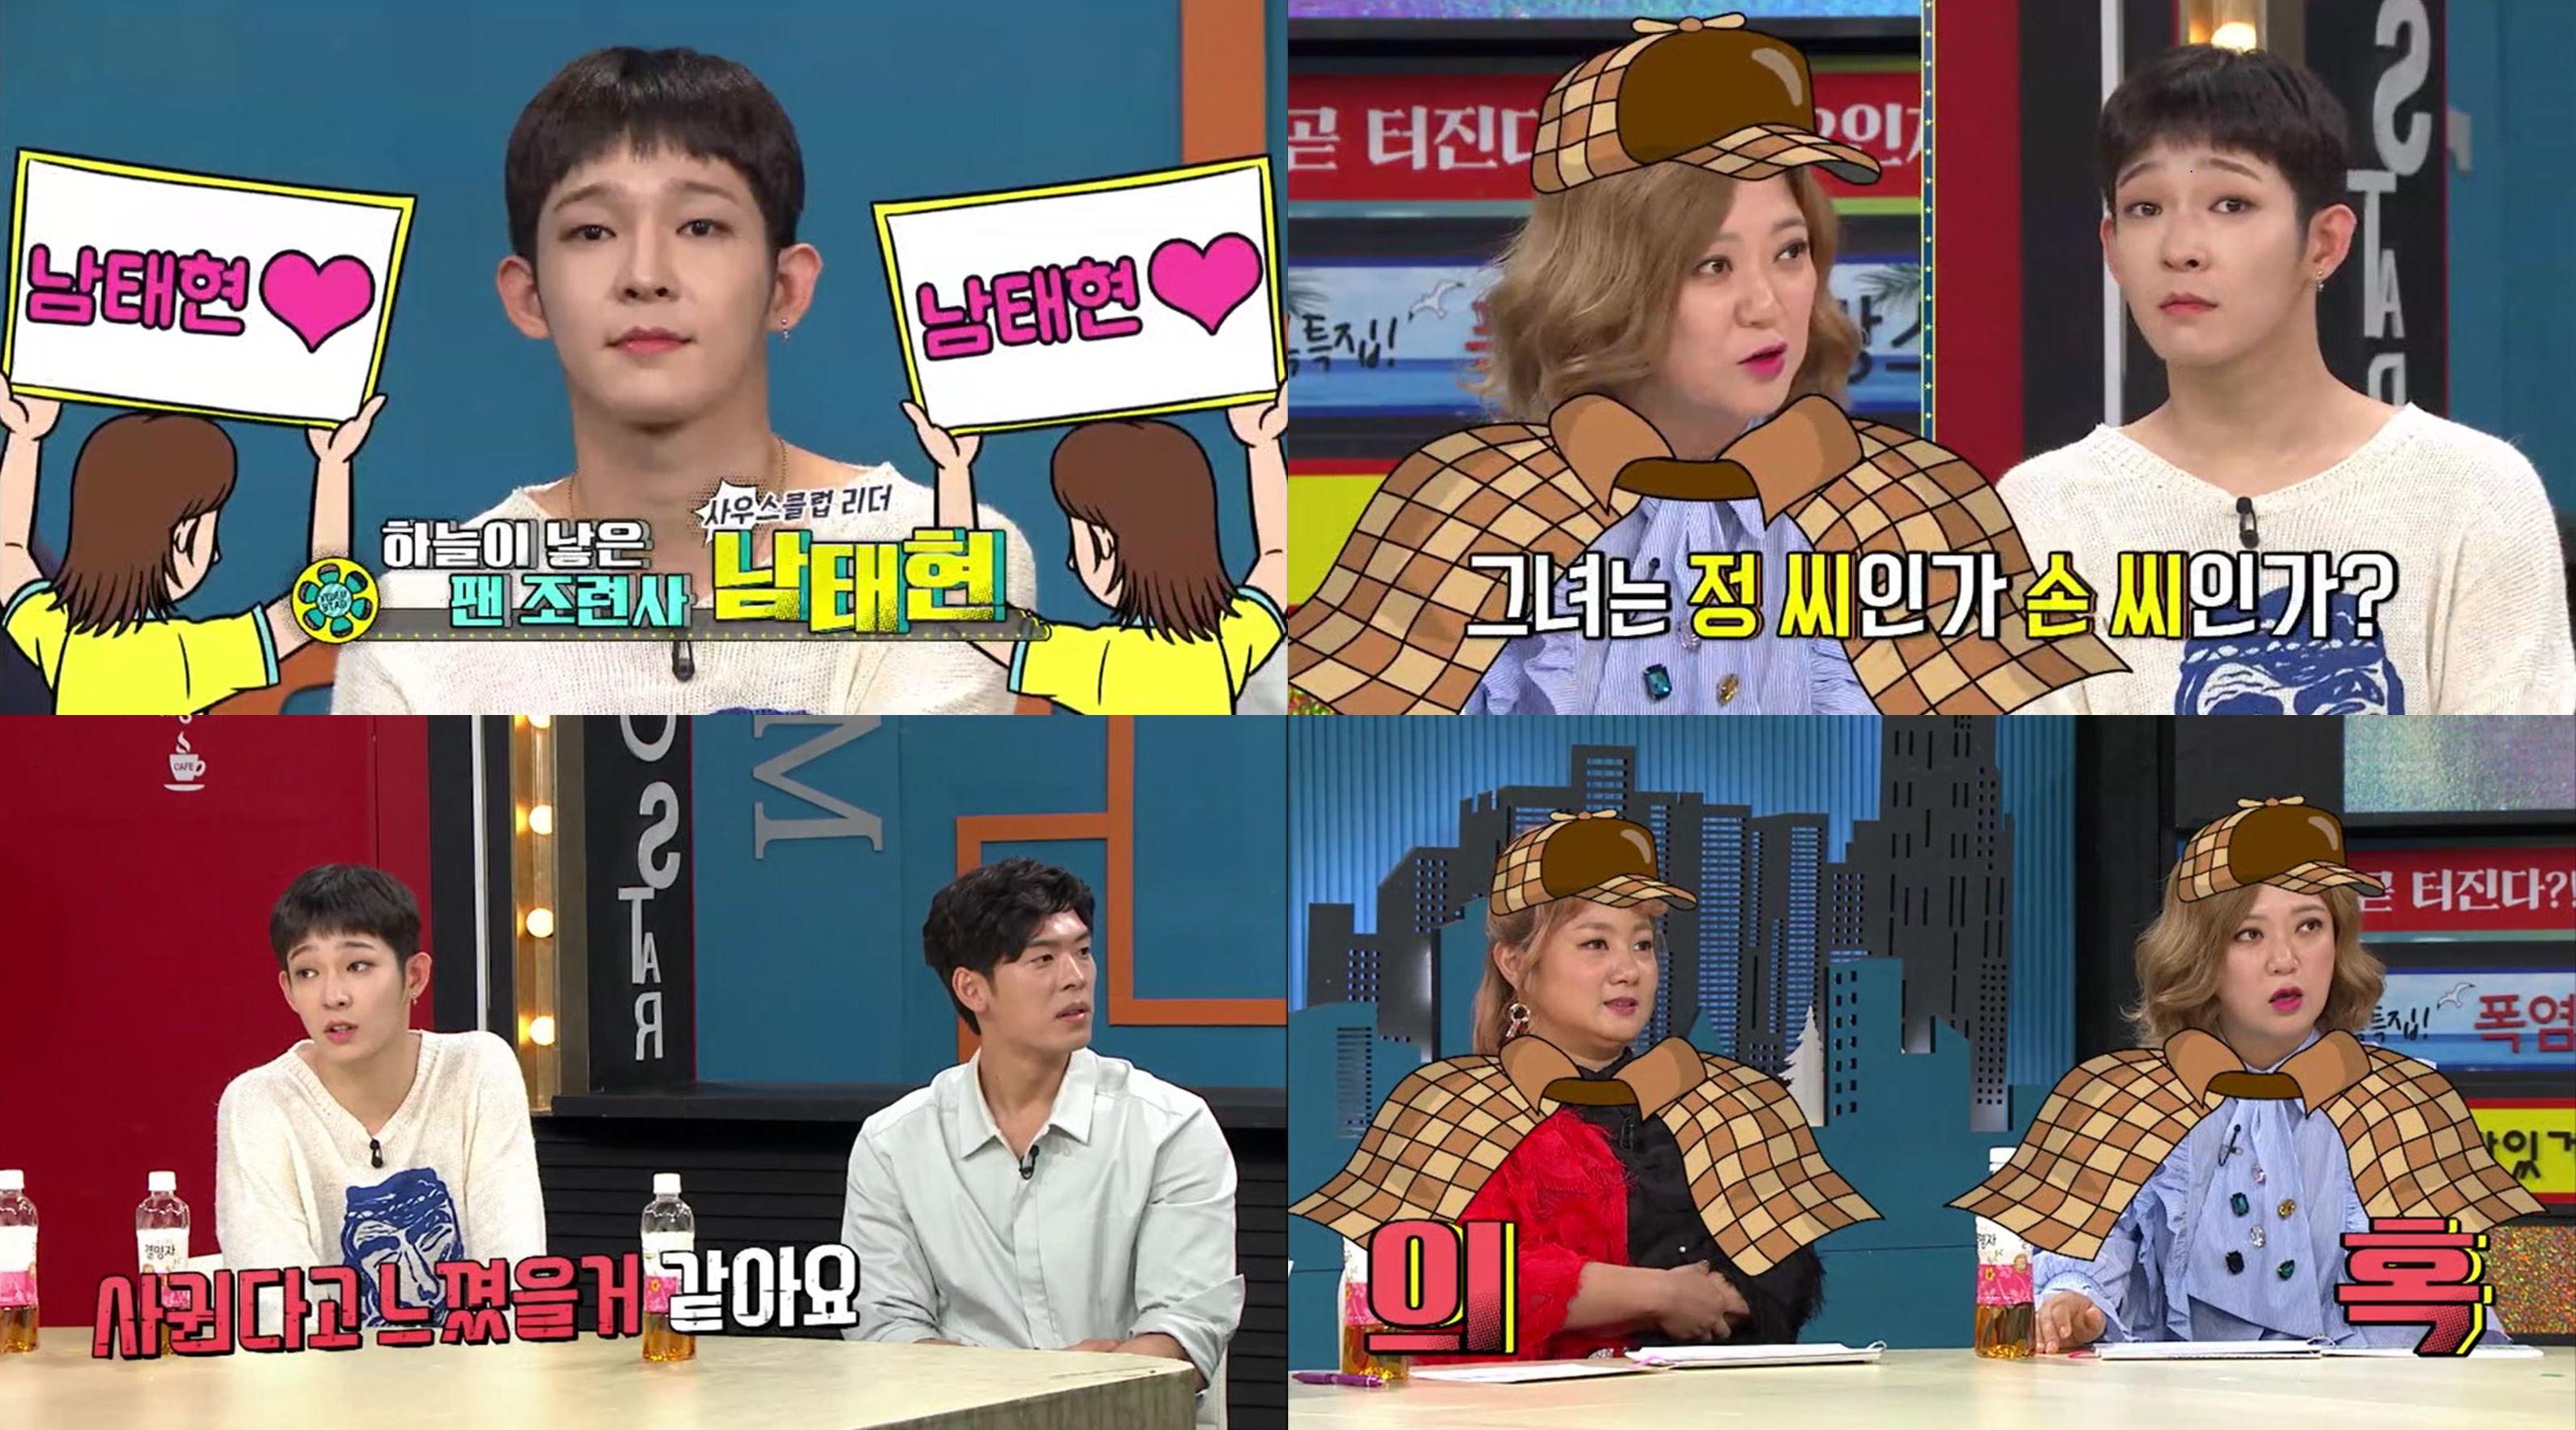 '비스타' 남태현, 정려원·손담비와 열애설 해명...전화연결 시도